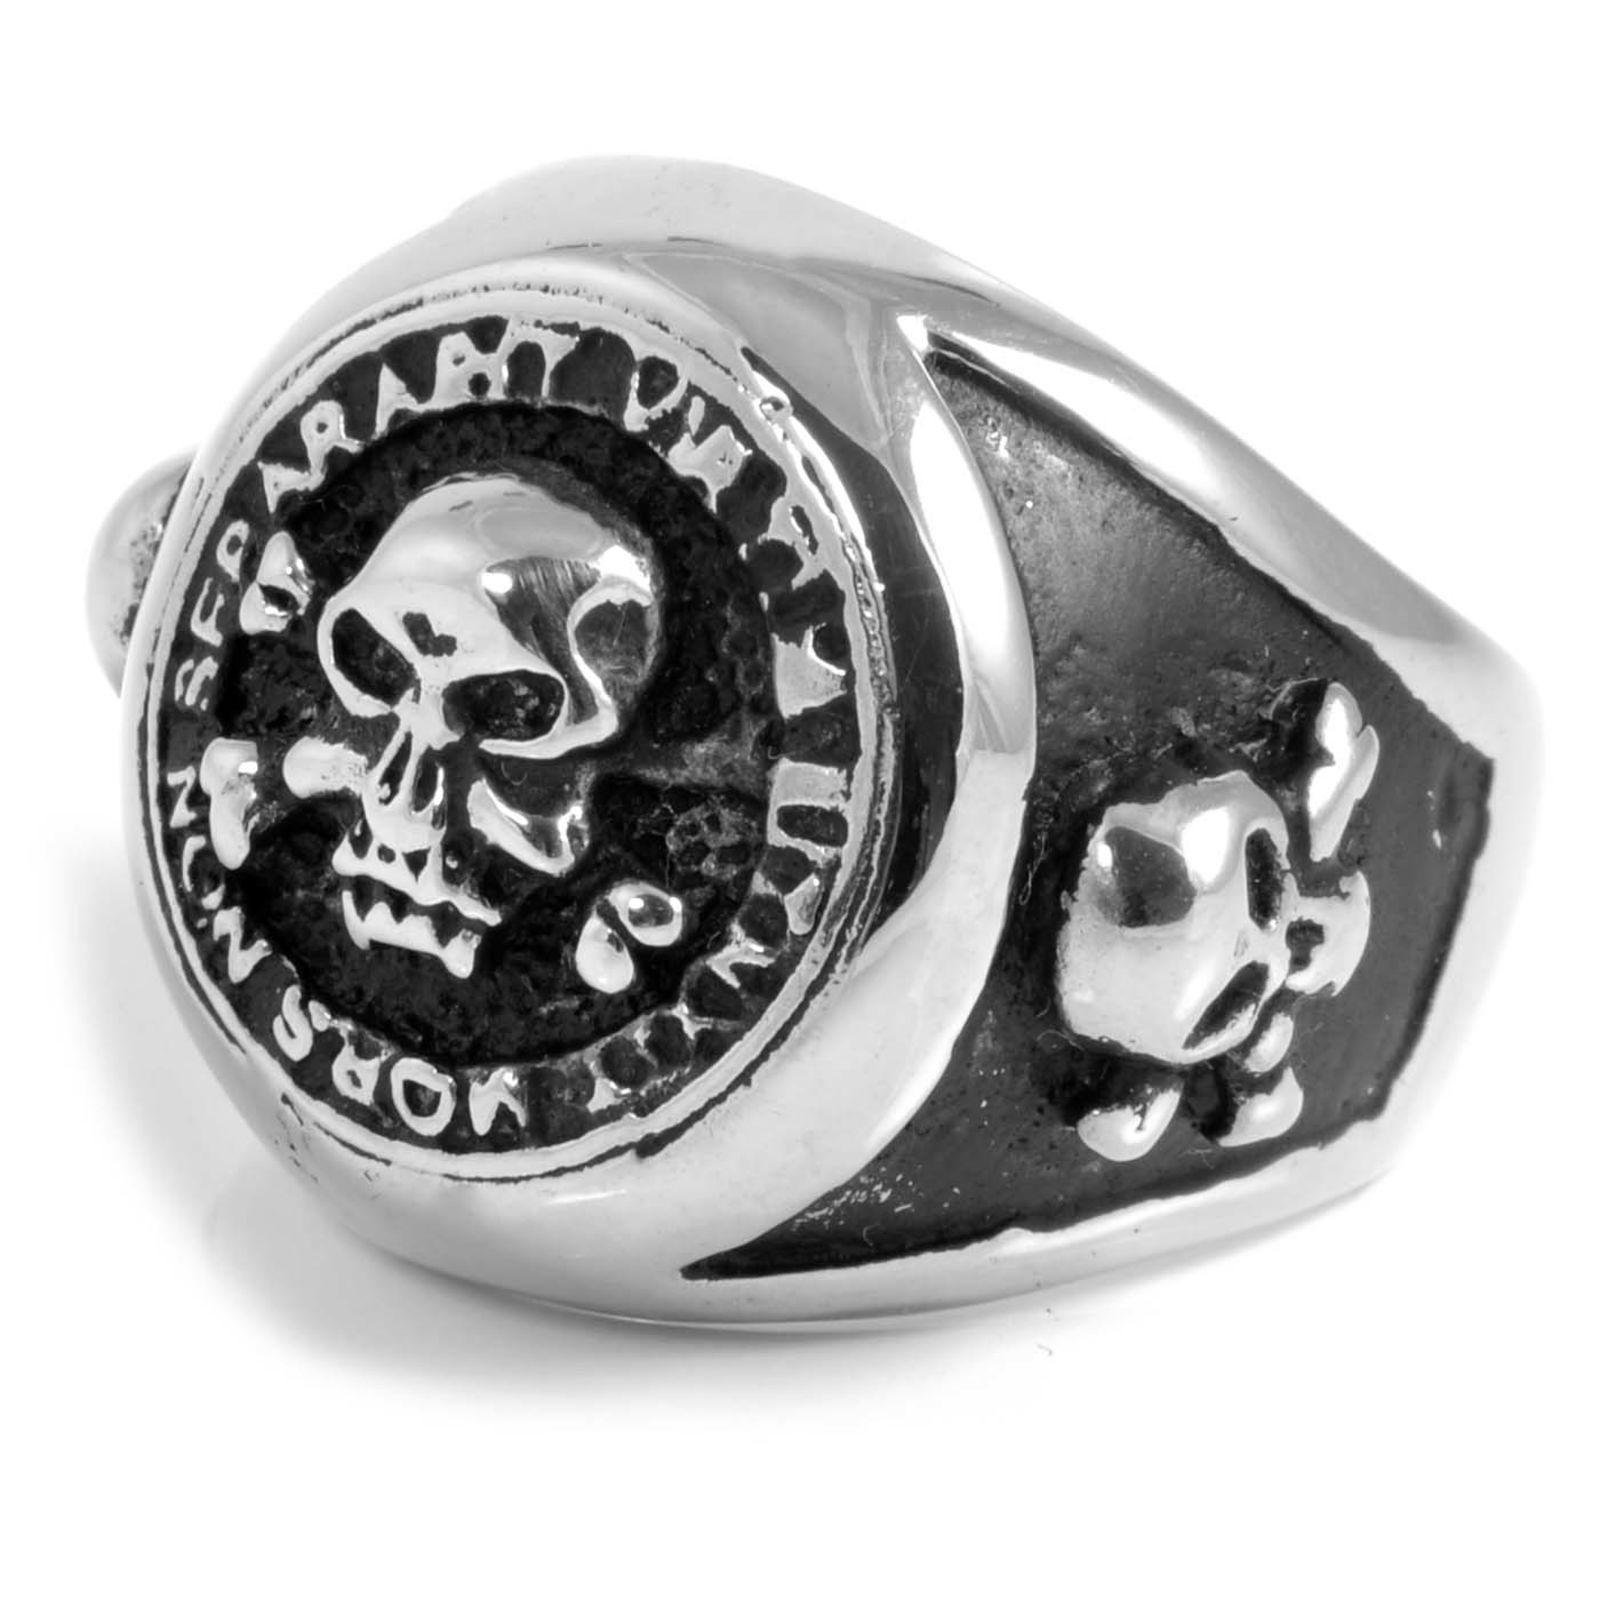 Ατσαλένιο Δαχτυλίδι Pirate s Life  d5b502d1ebd